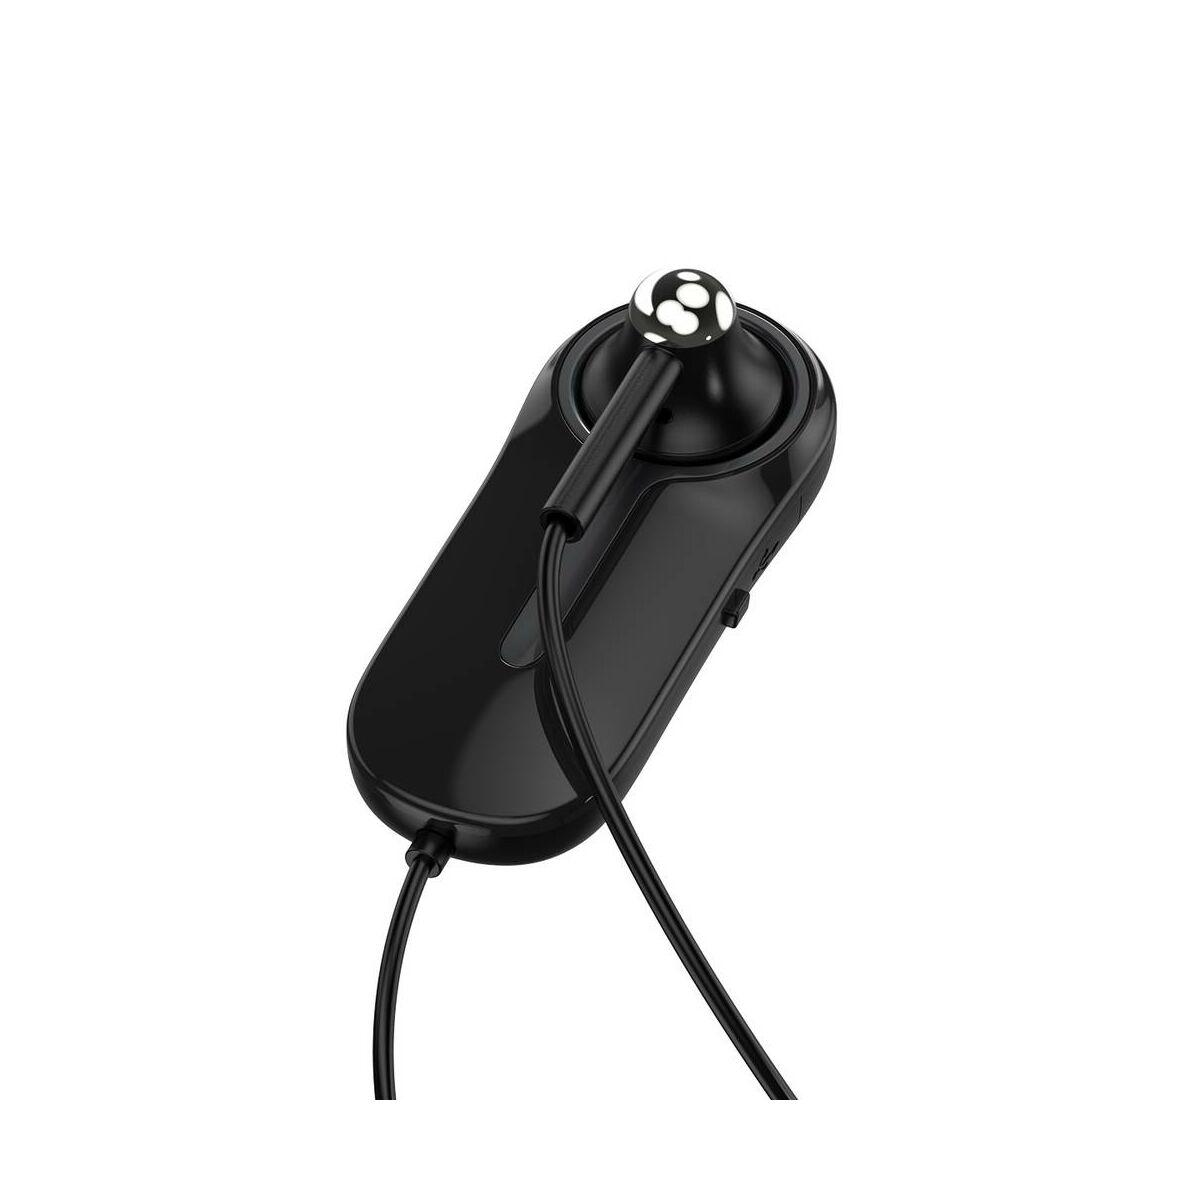 Baseus Headset Bluetooth Encok A06 Mono, ruhára csíptethető vezérlővel, fekete (NGA06-01)